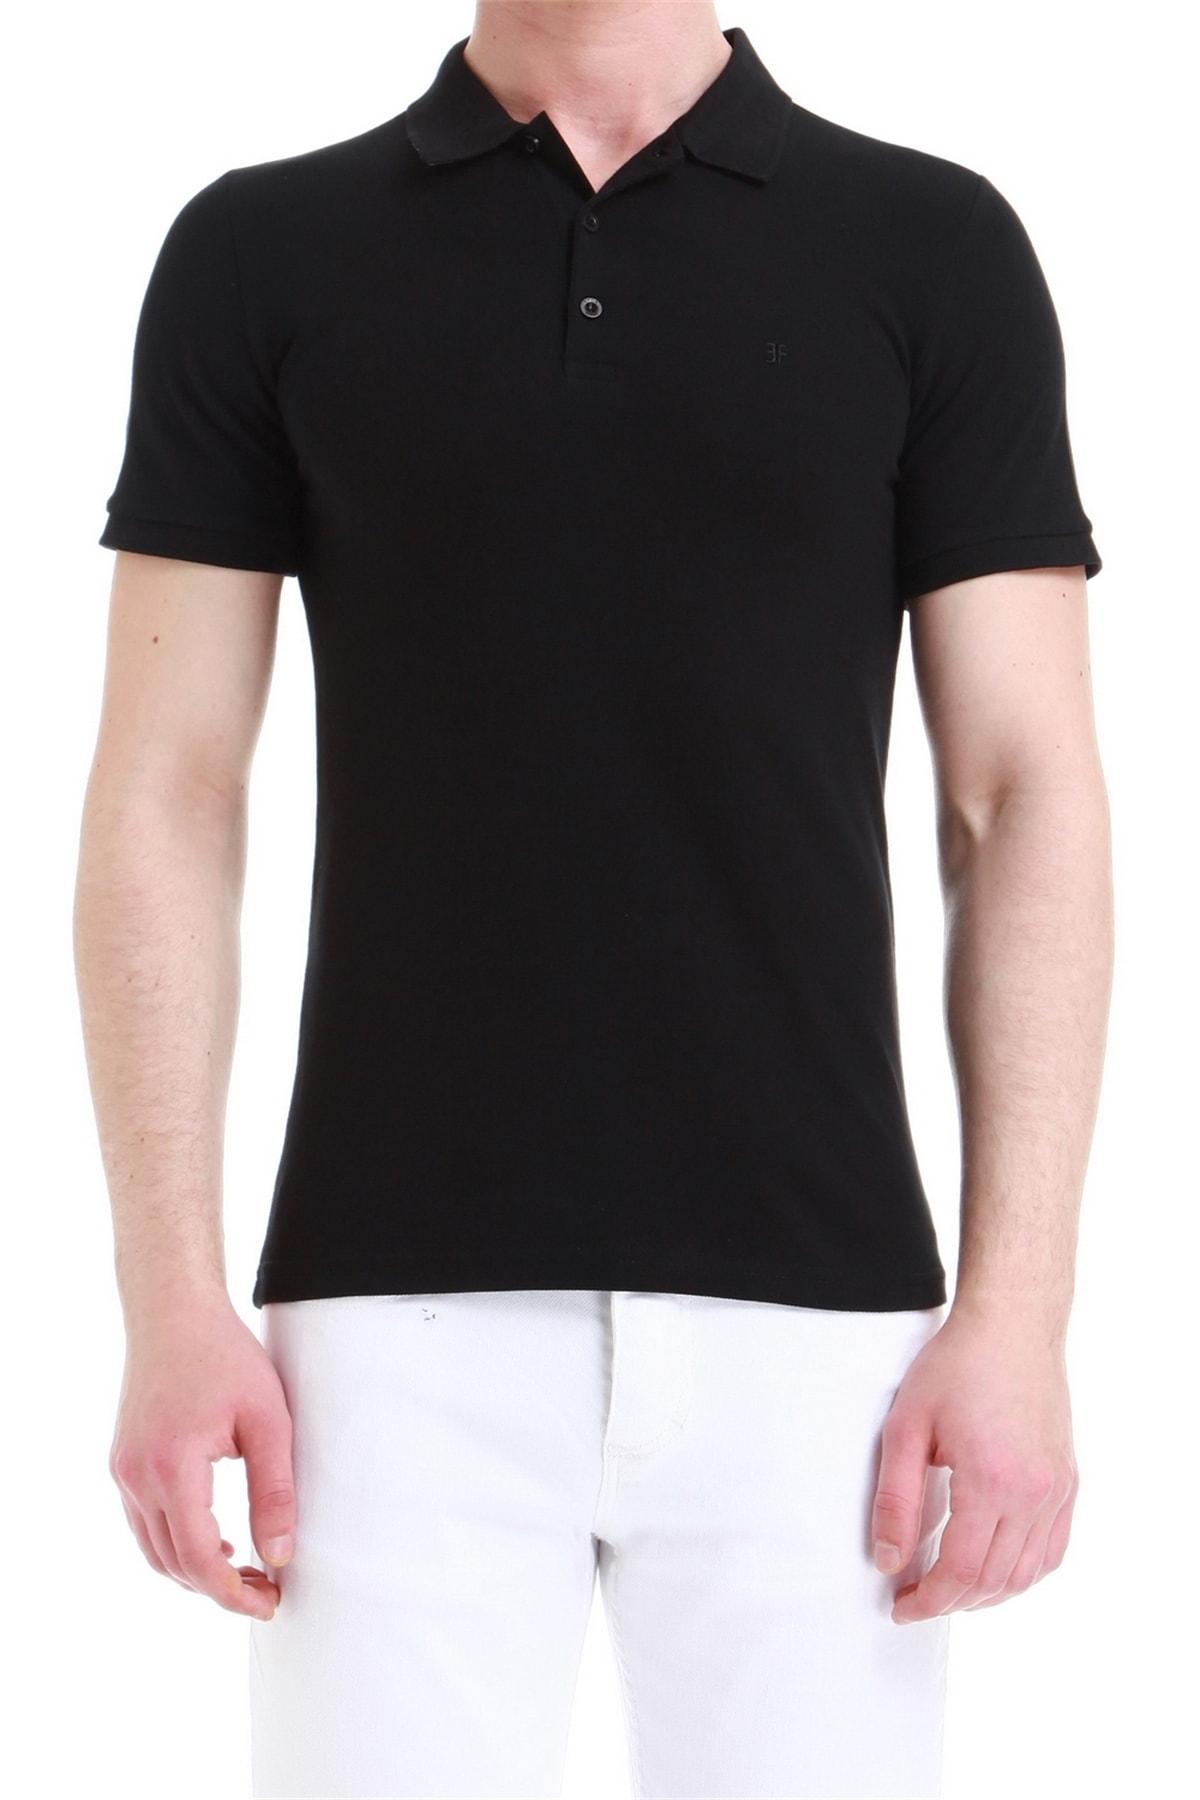 Efor Ts 771 Erkek Slim Fit Siyah Spor T-shirt 1